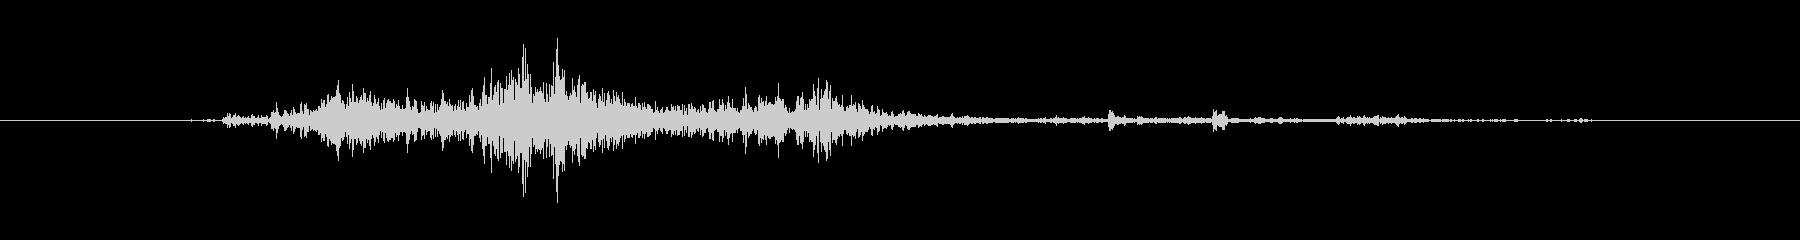 ツールボックス ラトル02の処理の未再生の波形